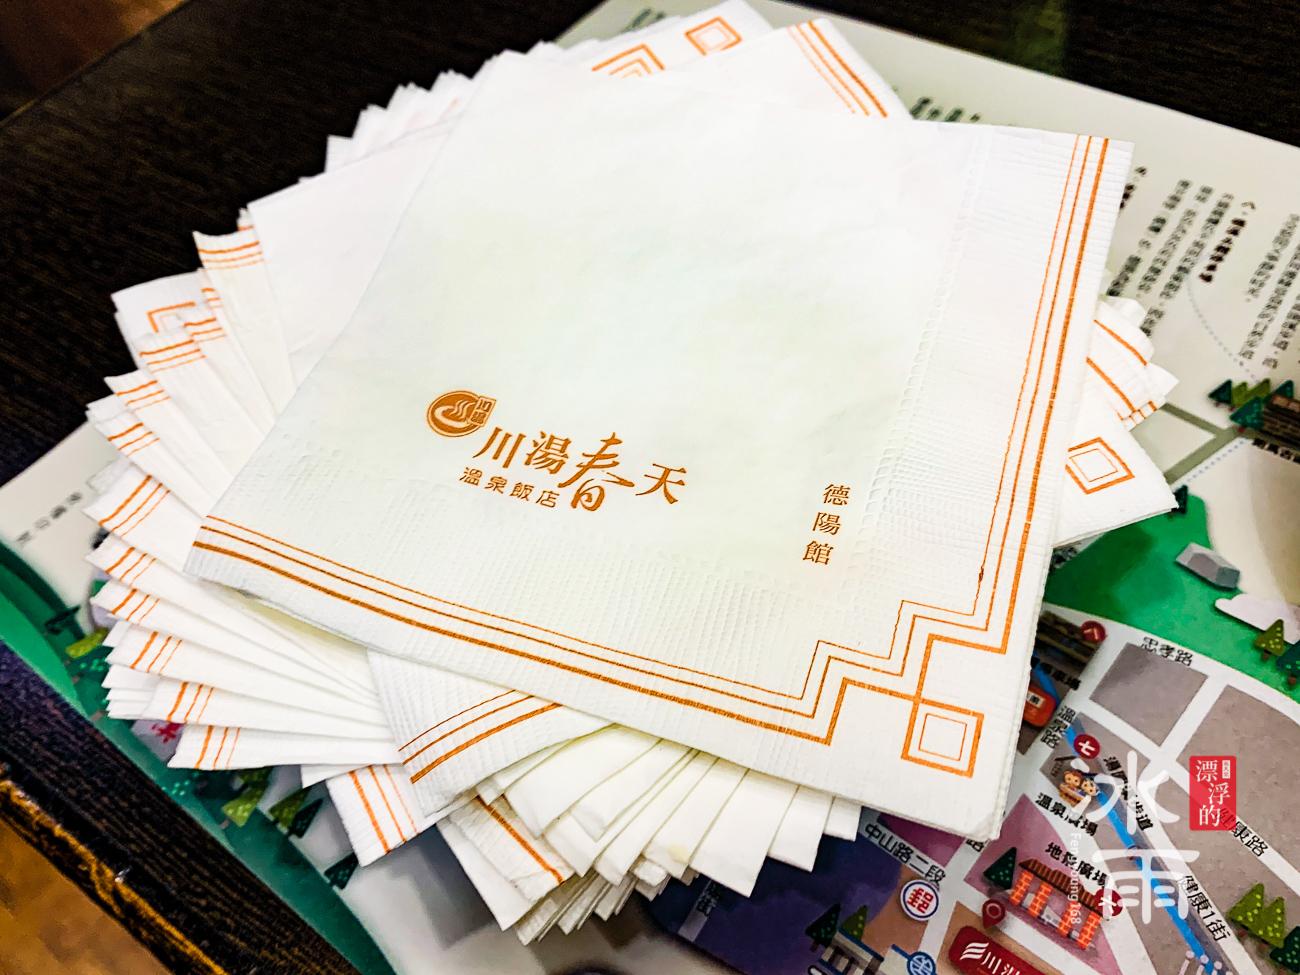 川湯春天溫泉飯店德陽館 早餐 餐巾紙